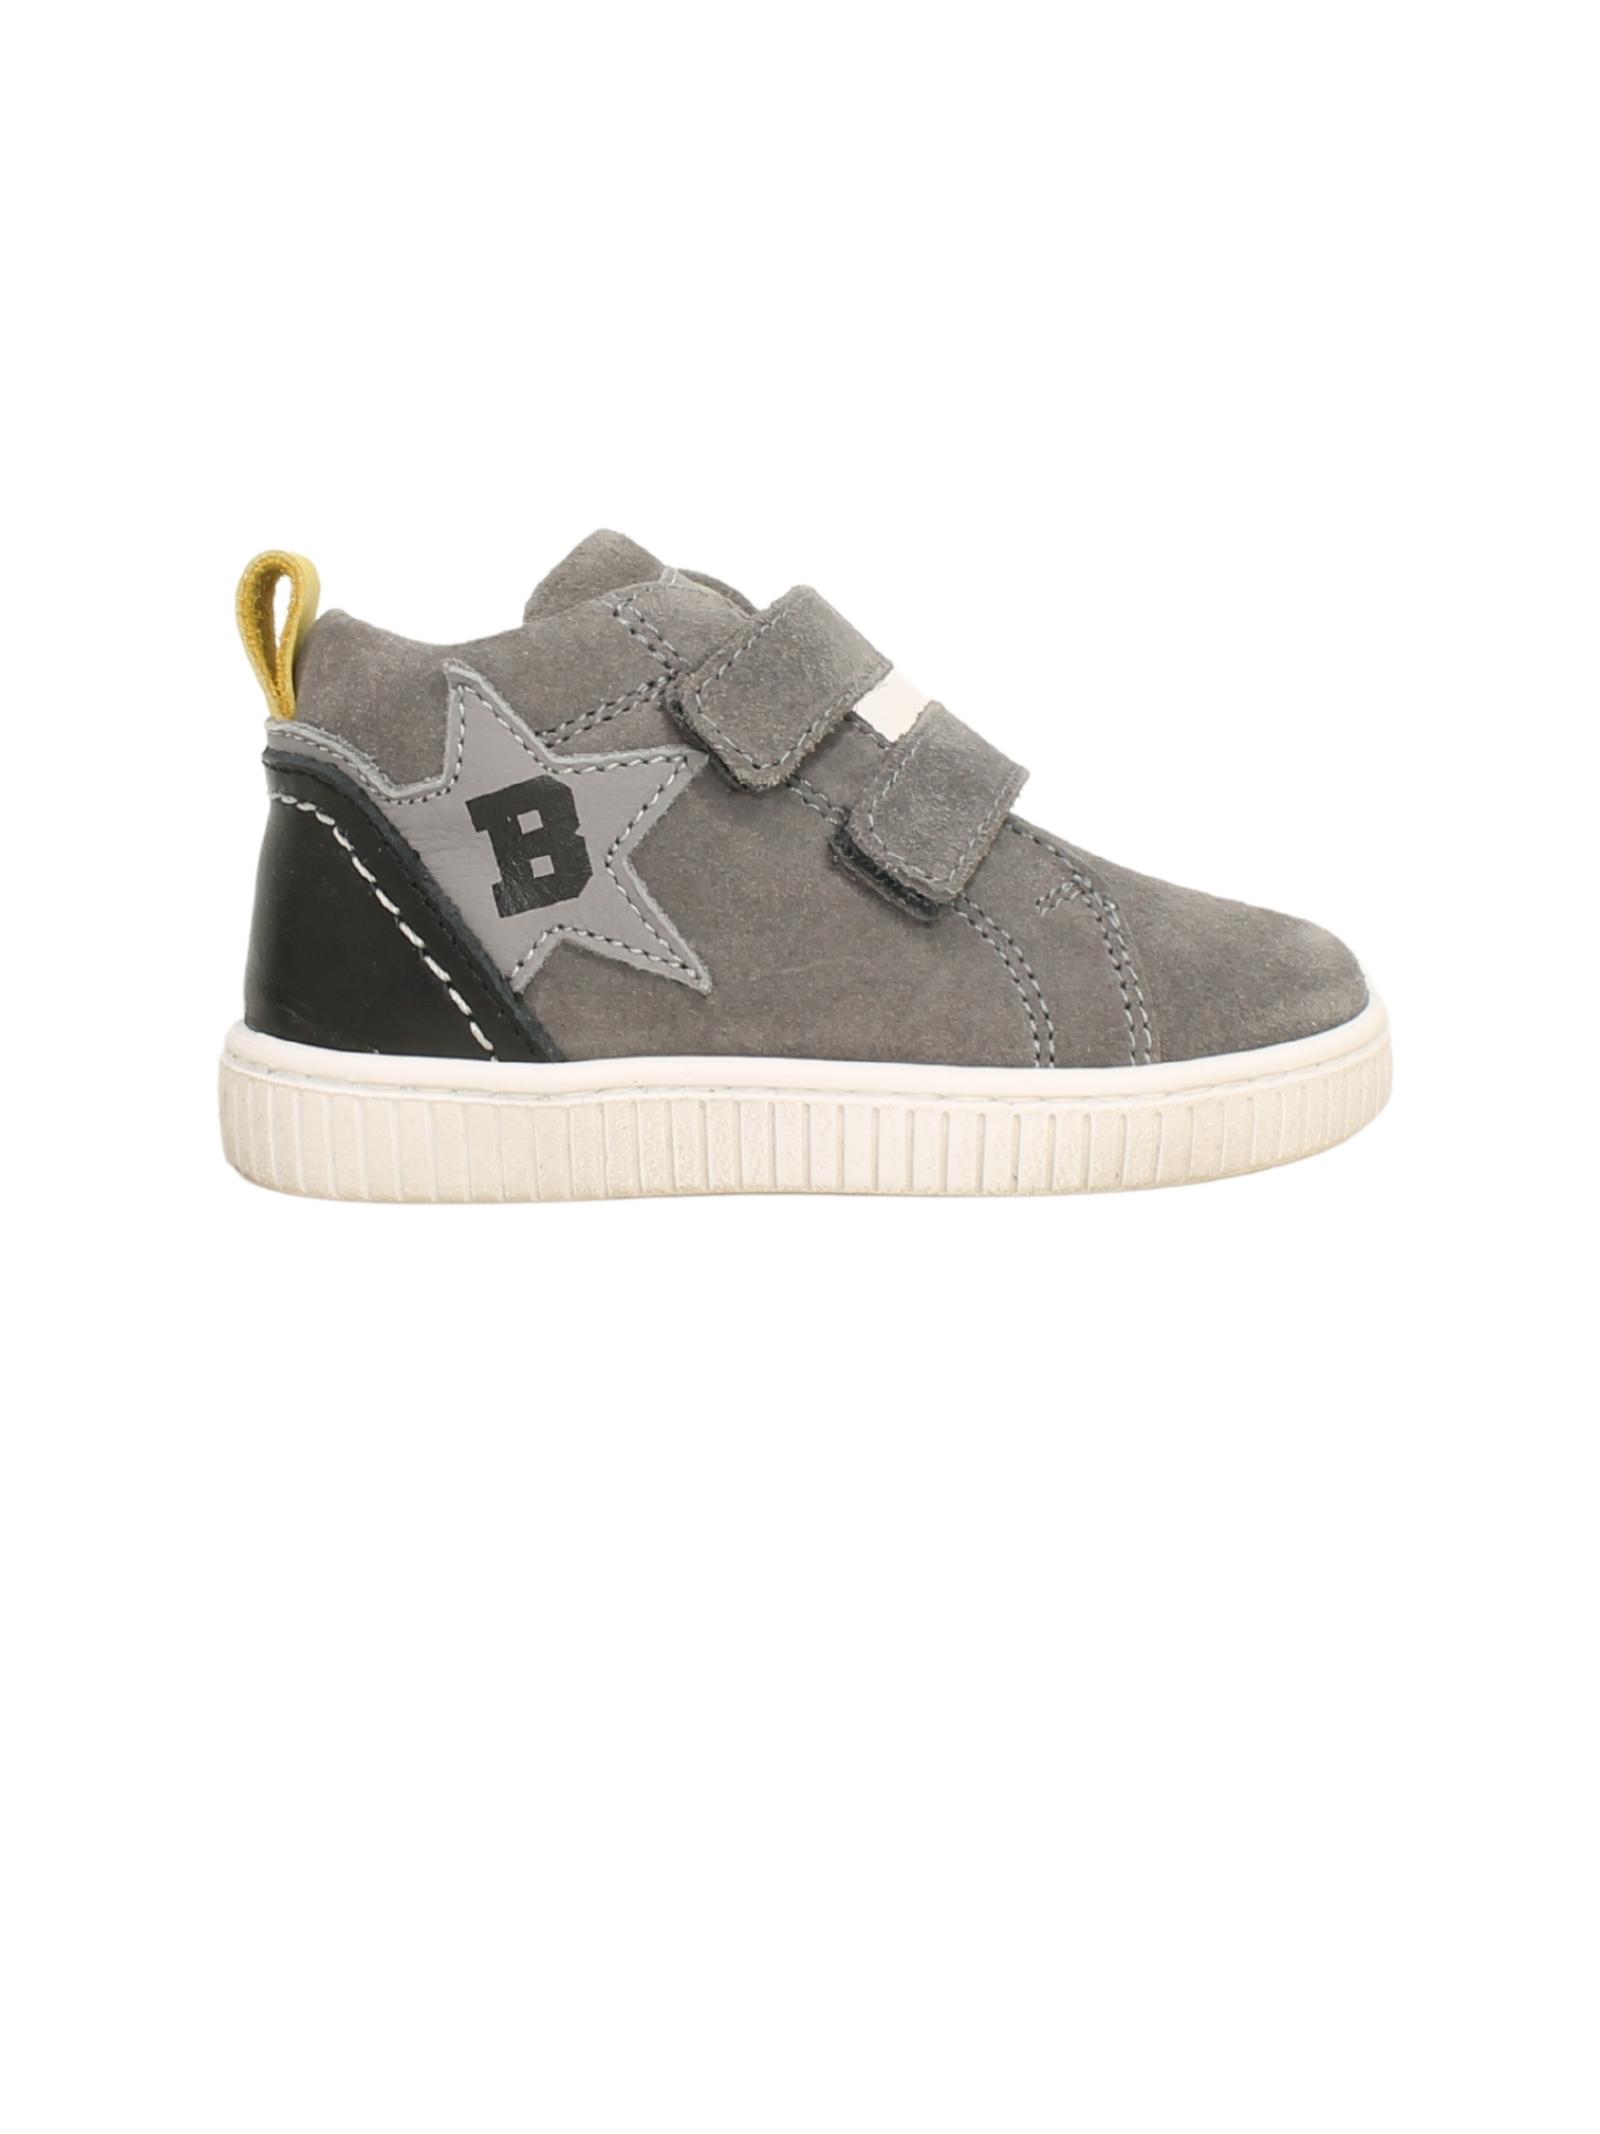 Sneakers Stars Logo Bambino BALDUCCI | Sneakers | MSPO3814GRIGIO